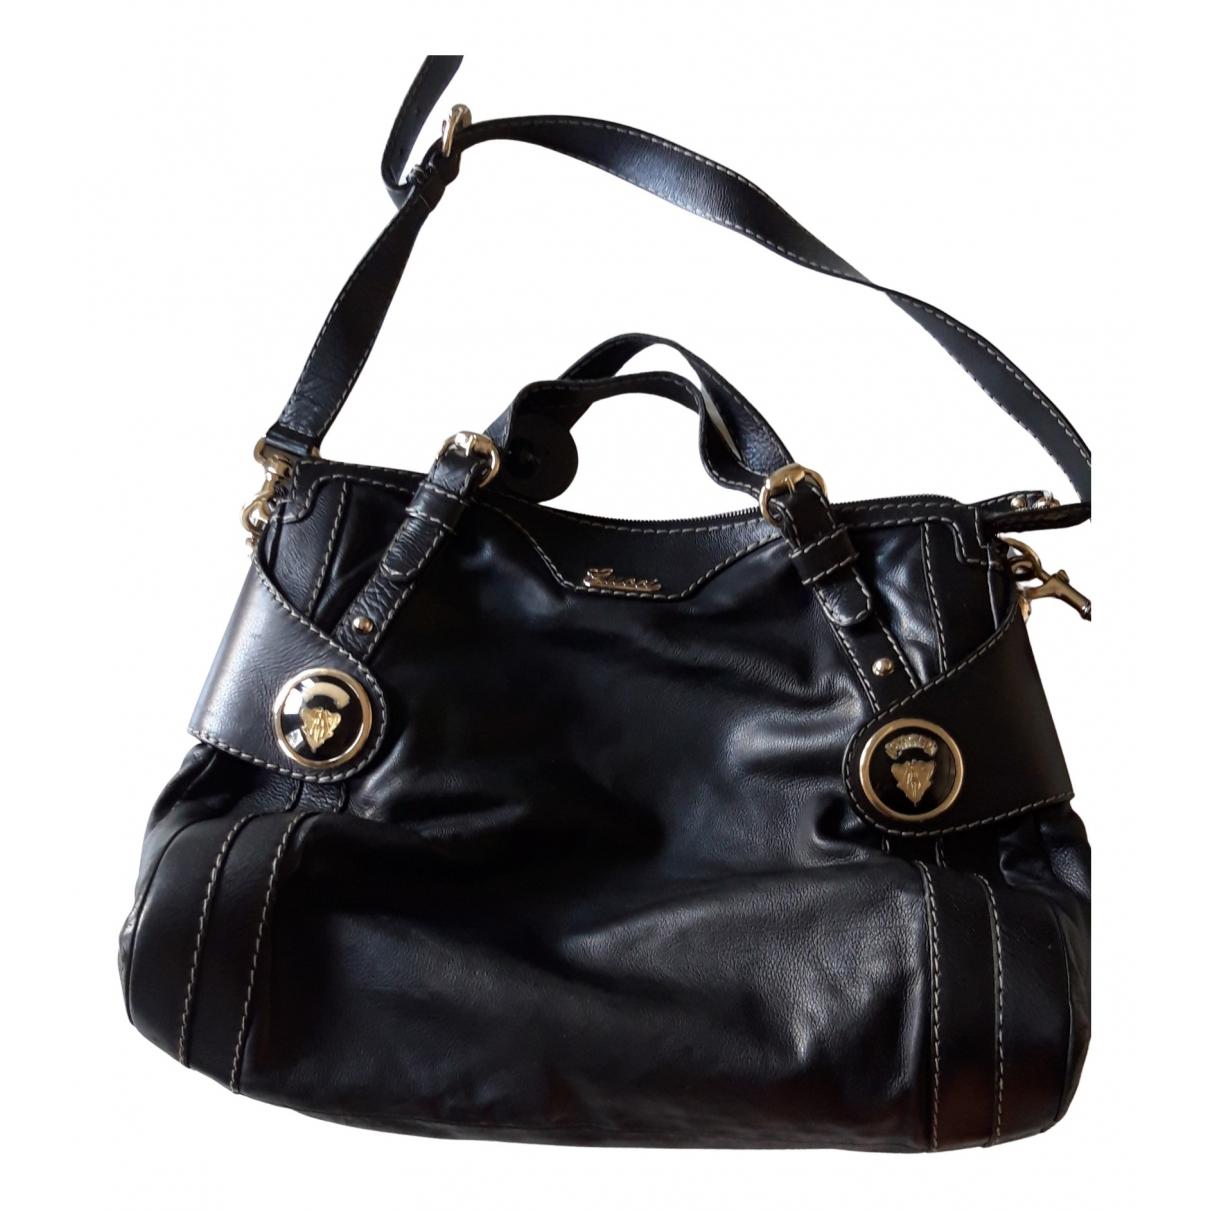 Gucci - Sac a main Hysteria pour femme en cuir - noir